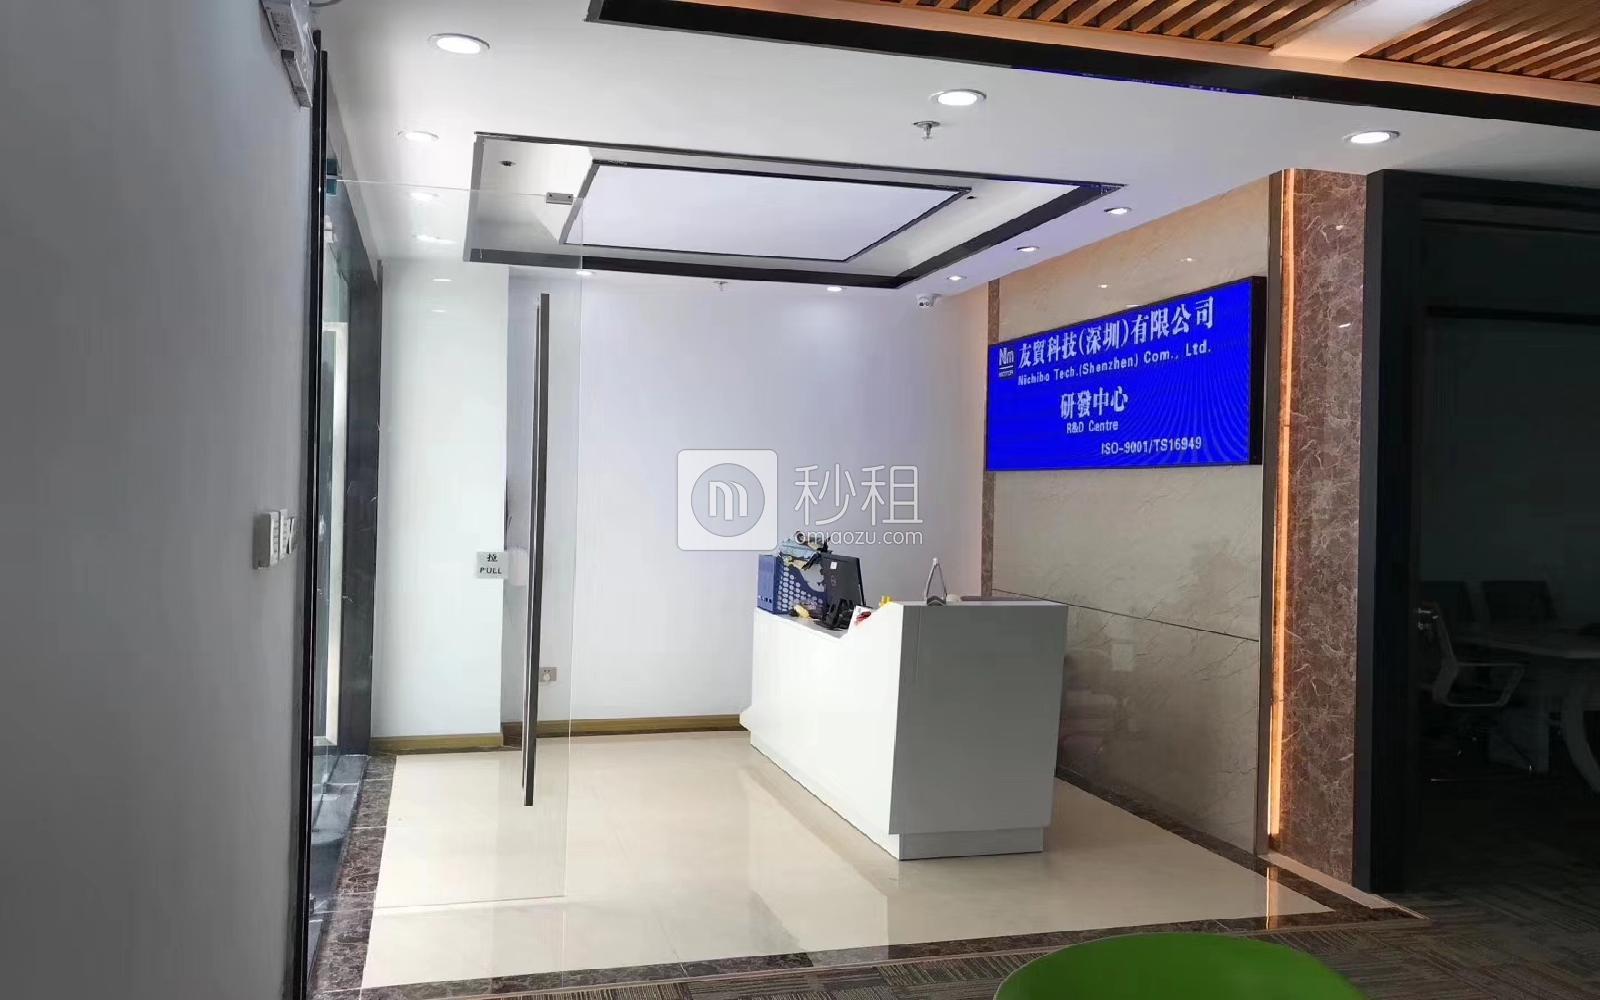 南山-科技园 深圳湾科技生态园(二期) 411m²